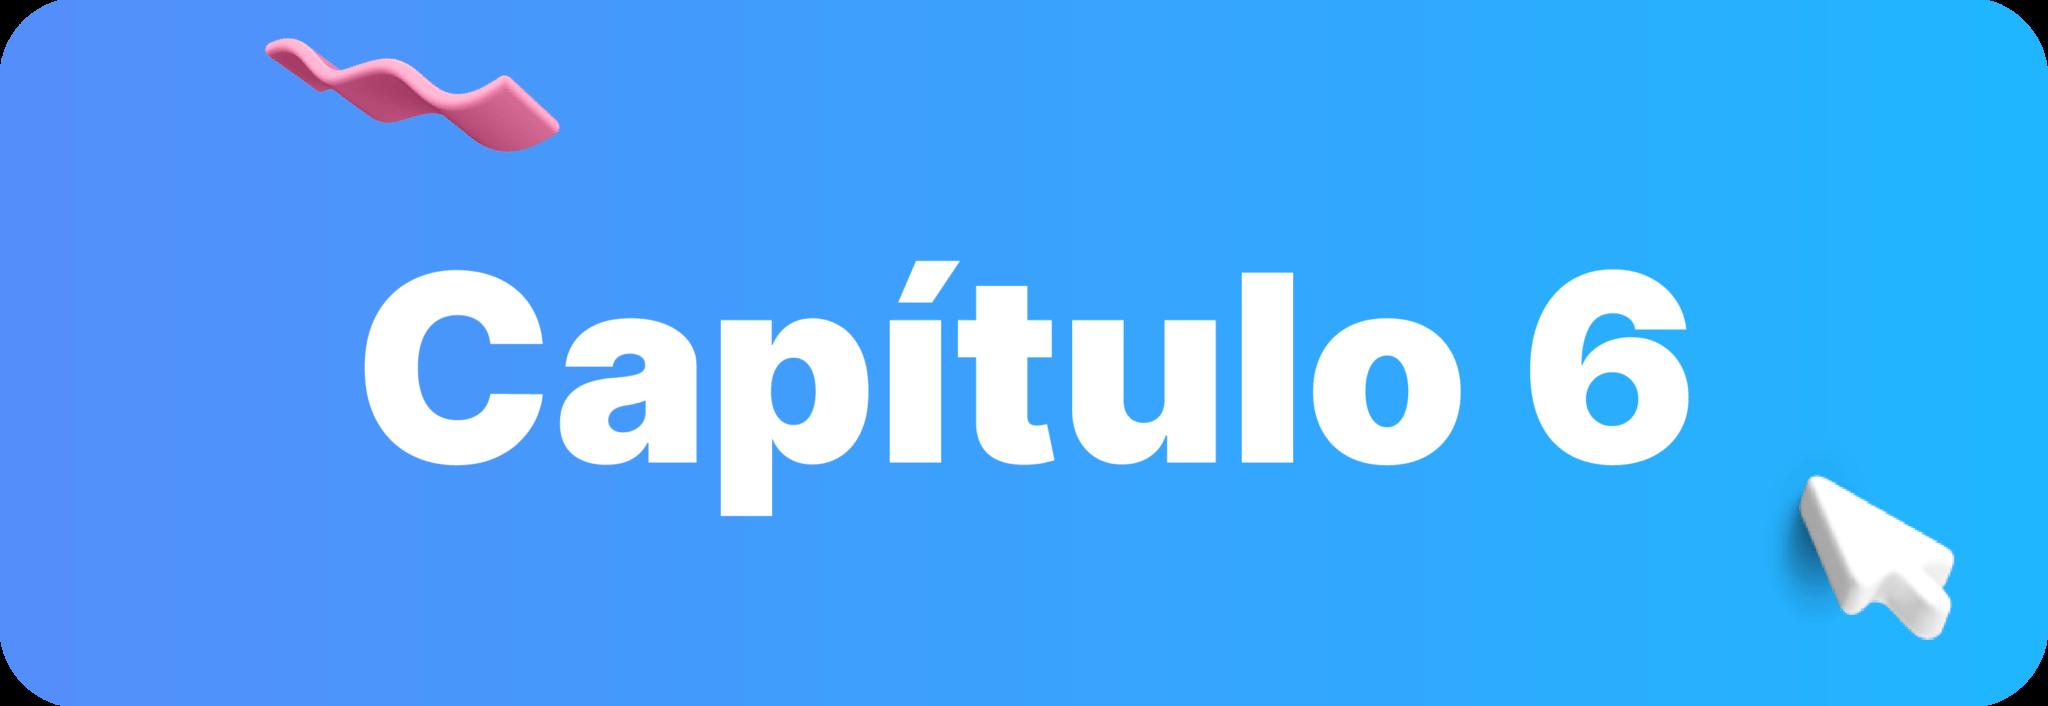 Apps Para Ganar Dinero De Verdad En 2021